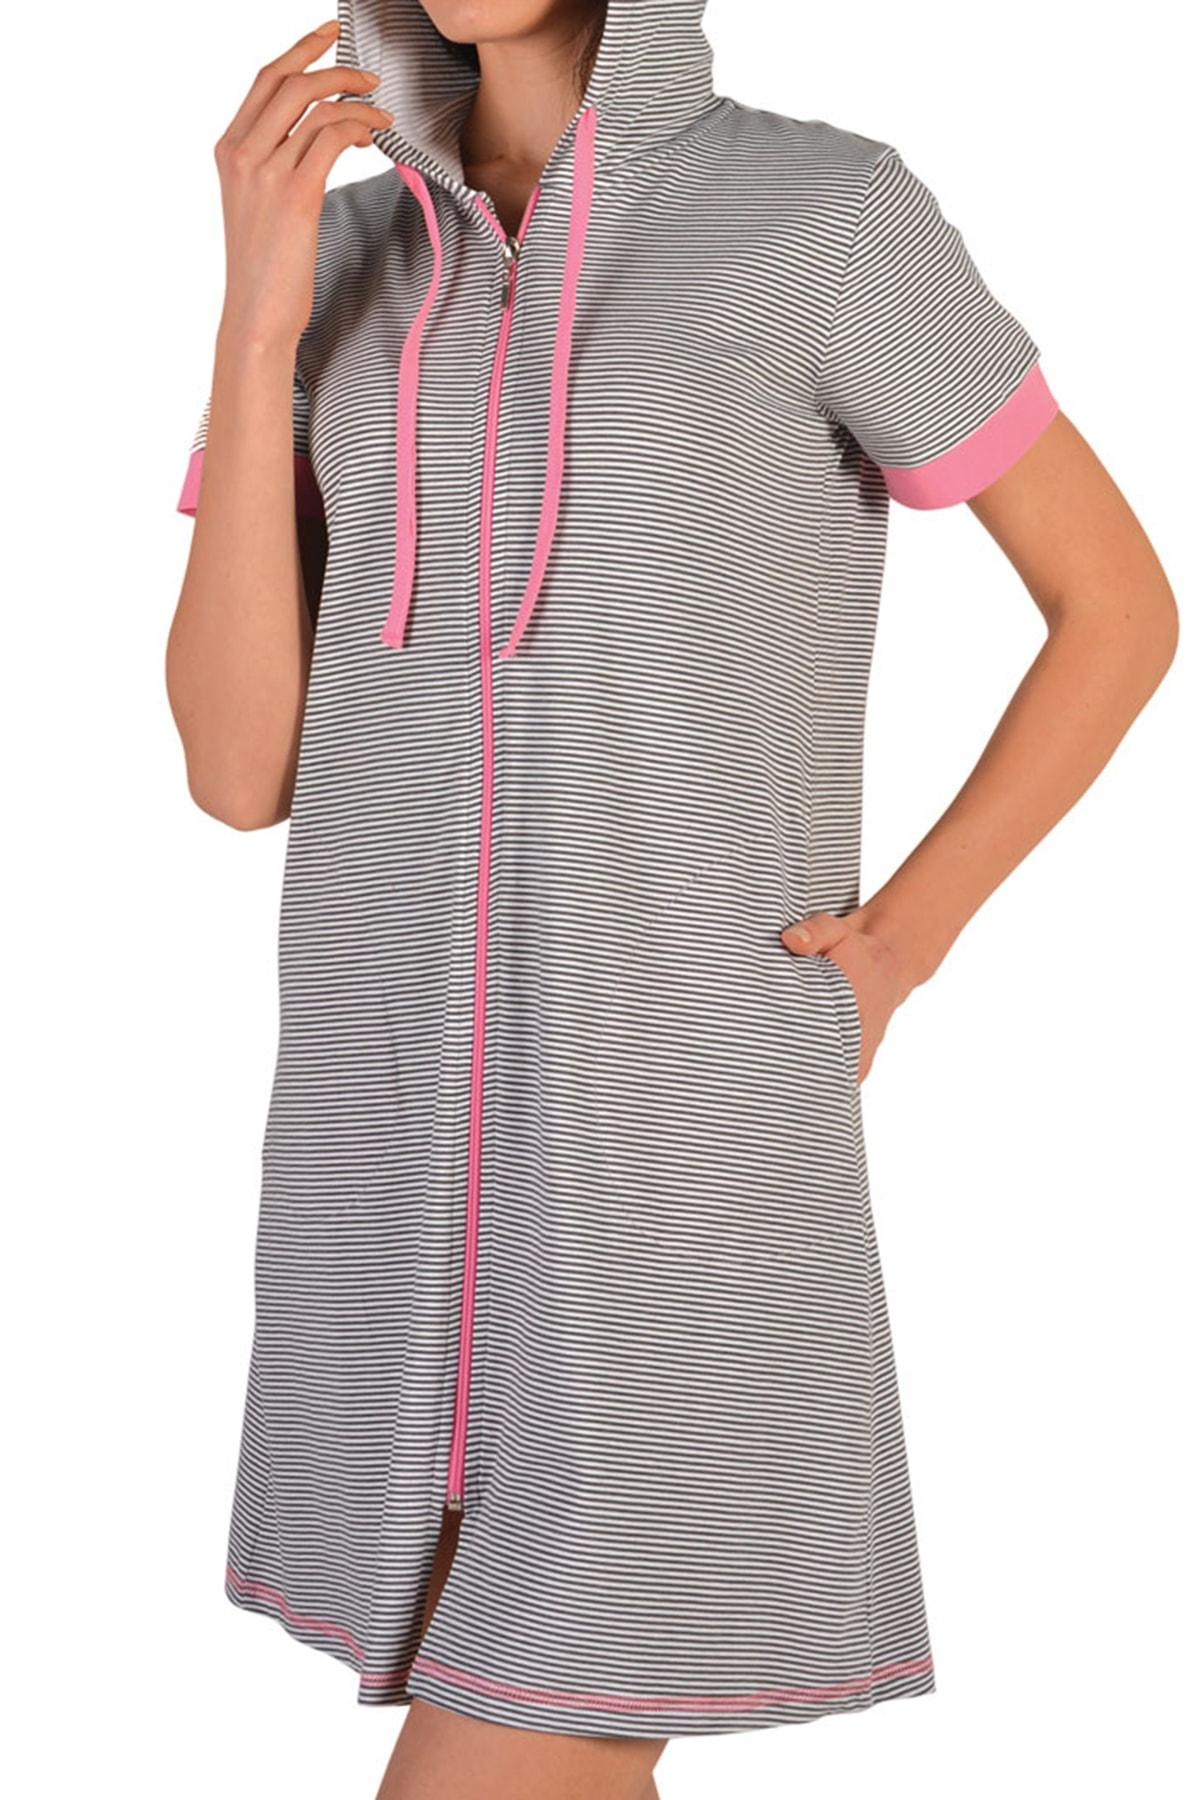 Nicoletta Tunik Ev Elbisesi Kısa Kollu Fermuarlı Kapüşonlu 1